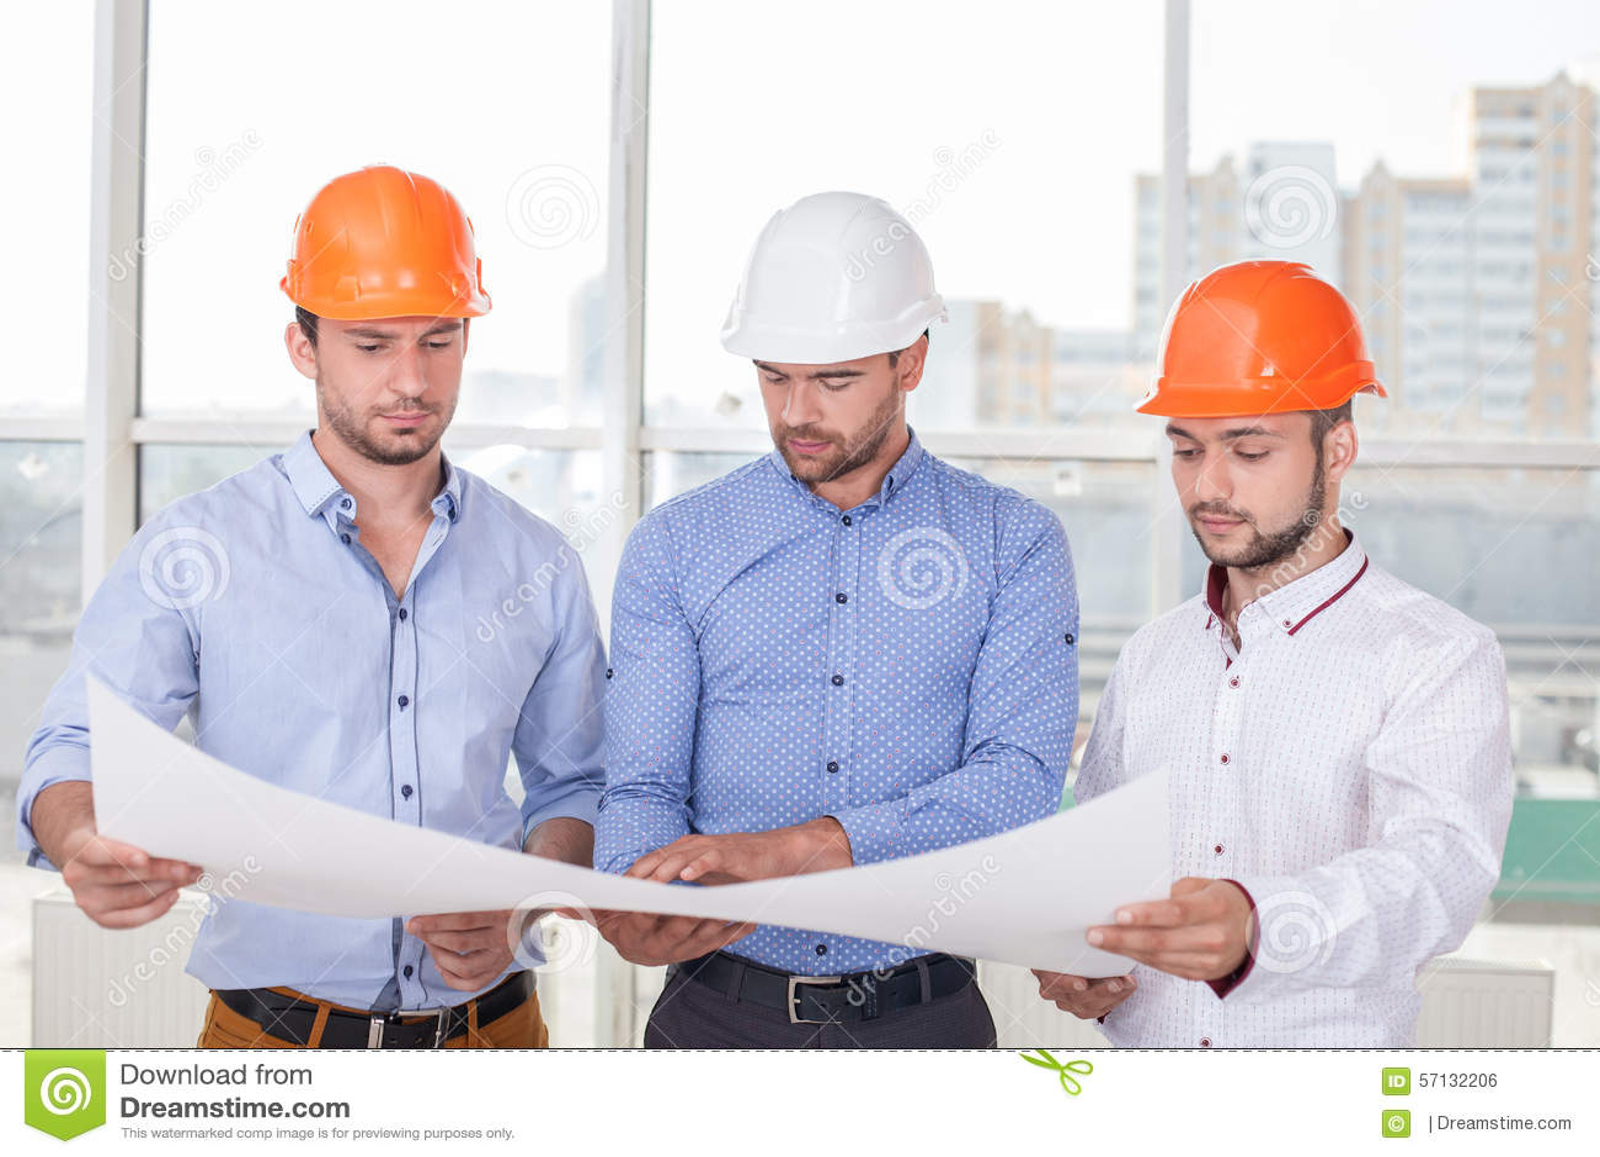 Los montadores jovenes atractivos est n trabajando en un for Todo para el arquitecto